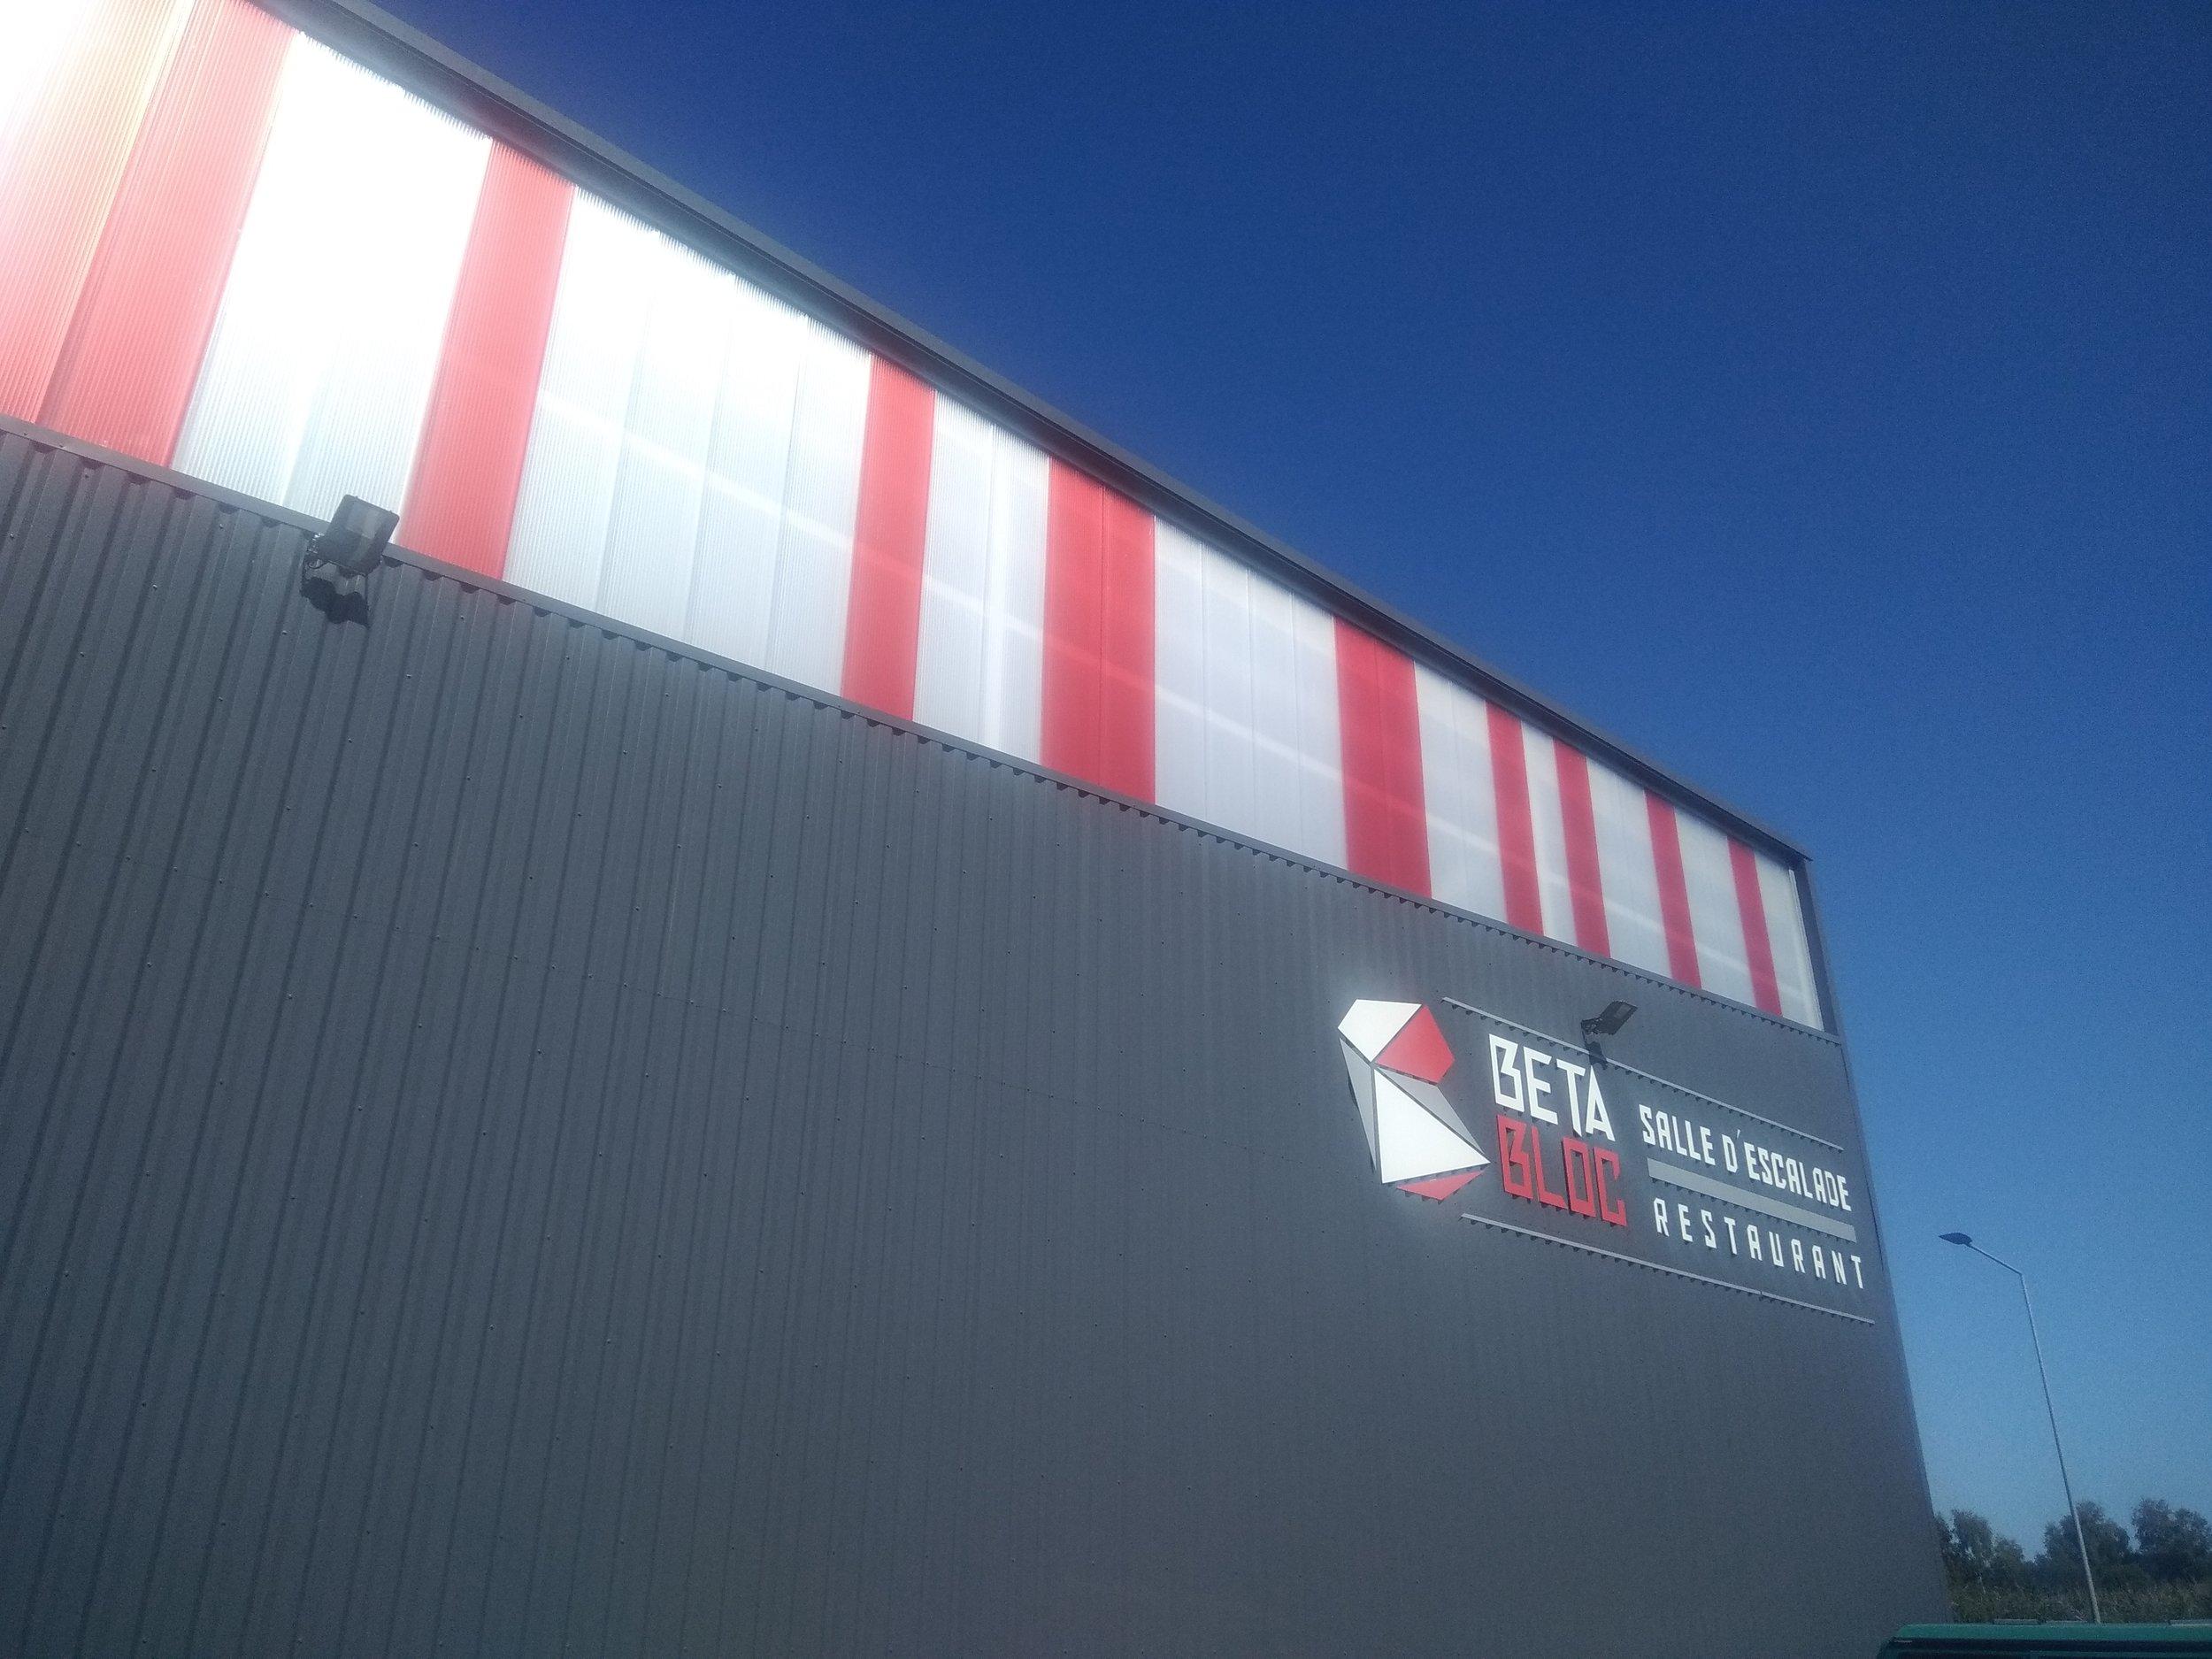 Nouvelle salle d'escalade sur PAU